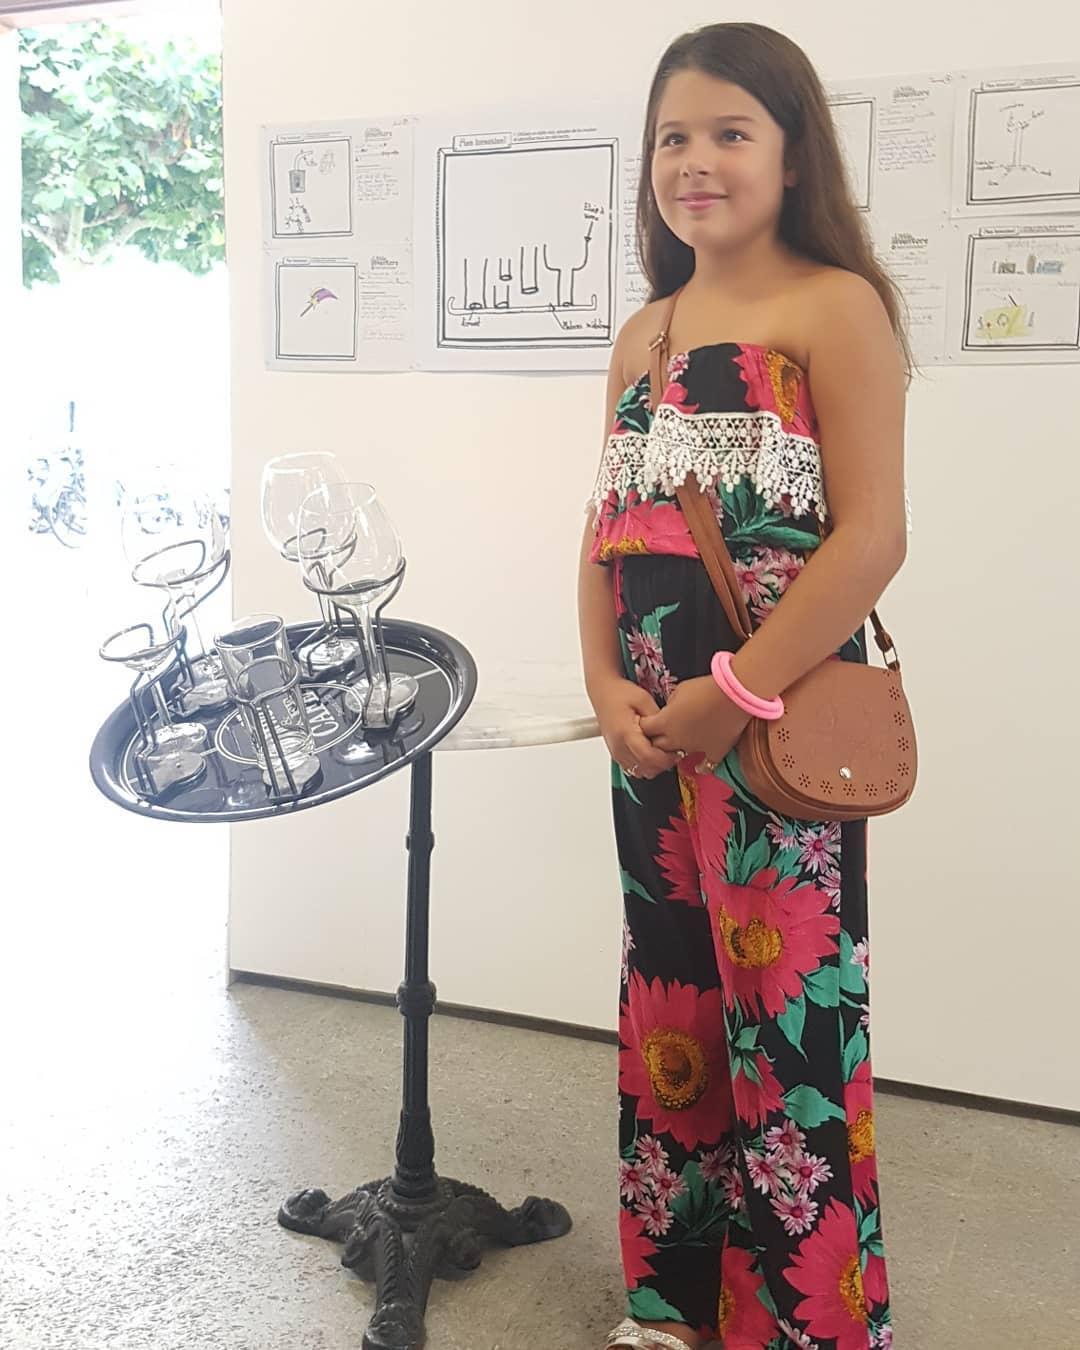 Sculpture métal et verre acier et verre paul estier artiste 2018 lausanne genève neuchatel yverdon (16)